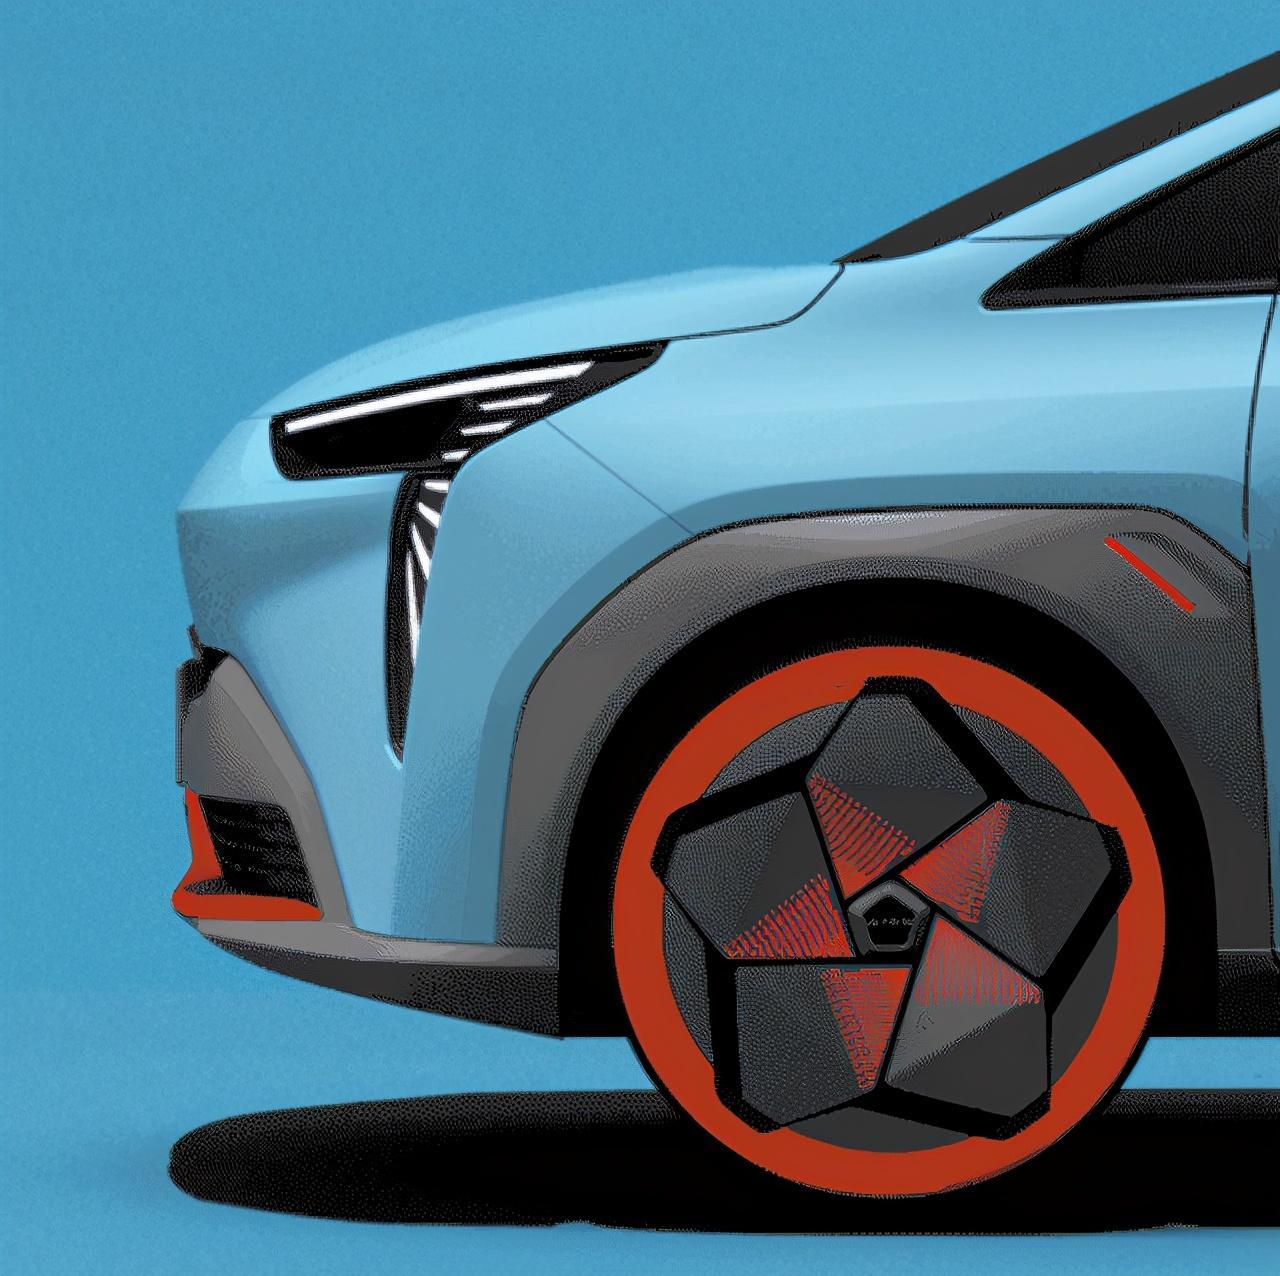 将于广州车展发布 定位A级智能纯电SUV 广汽新车预告图曝光